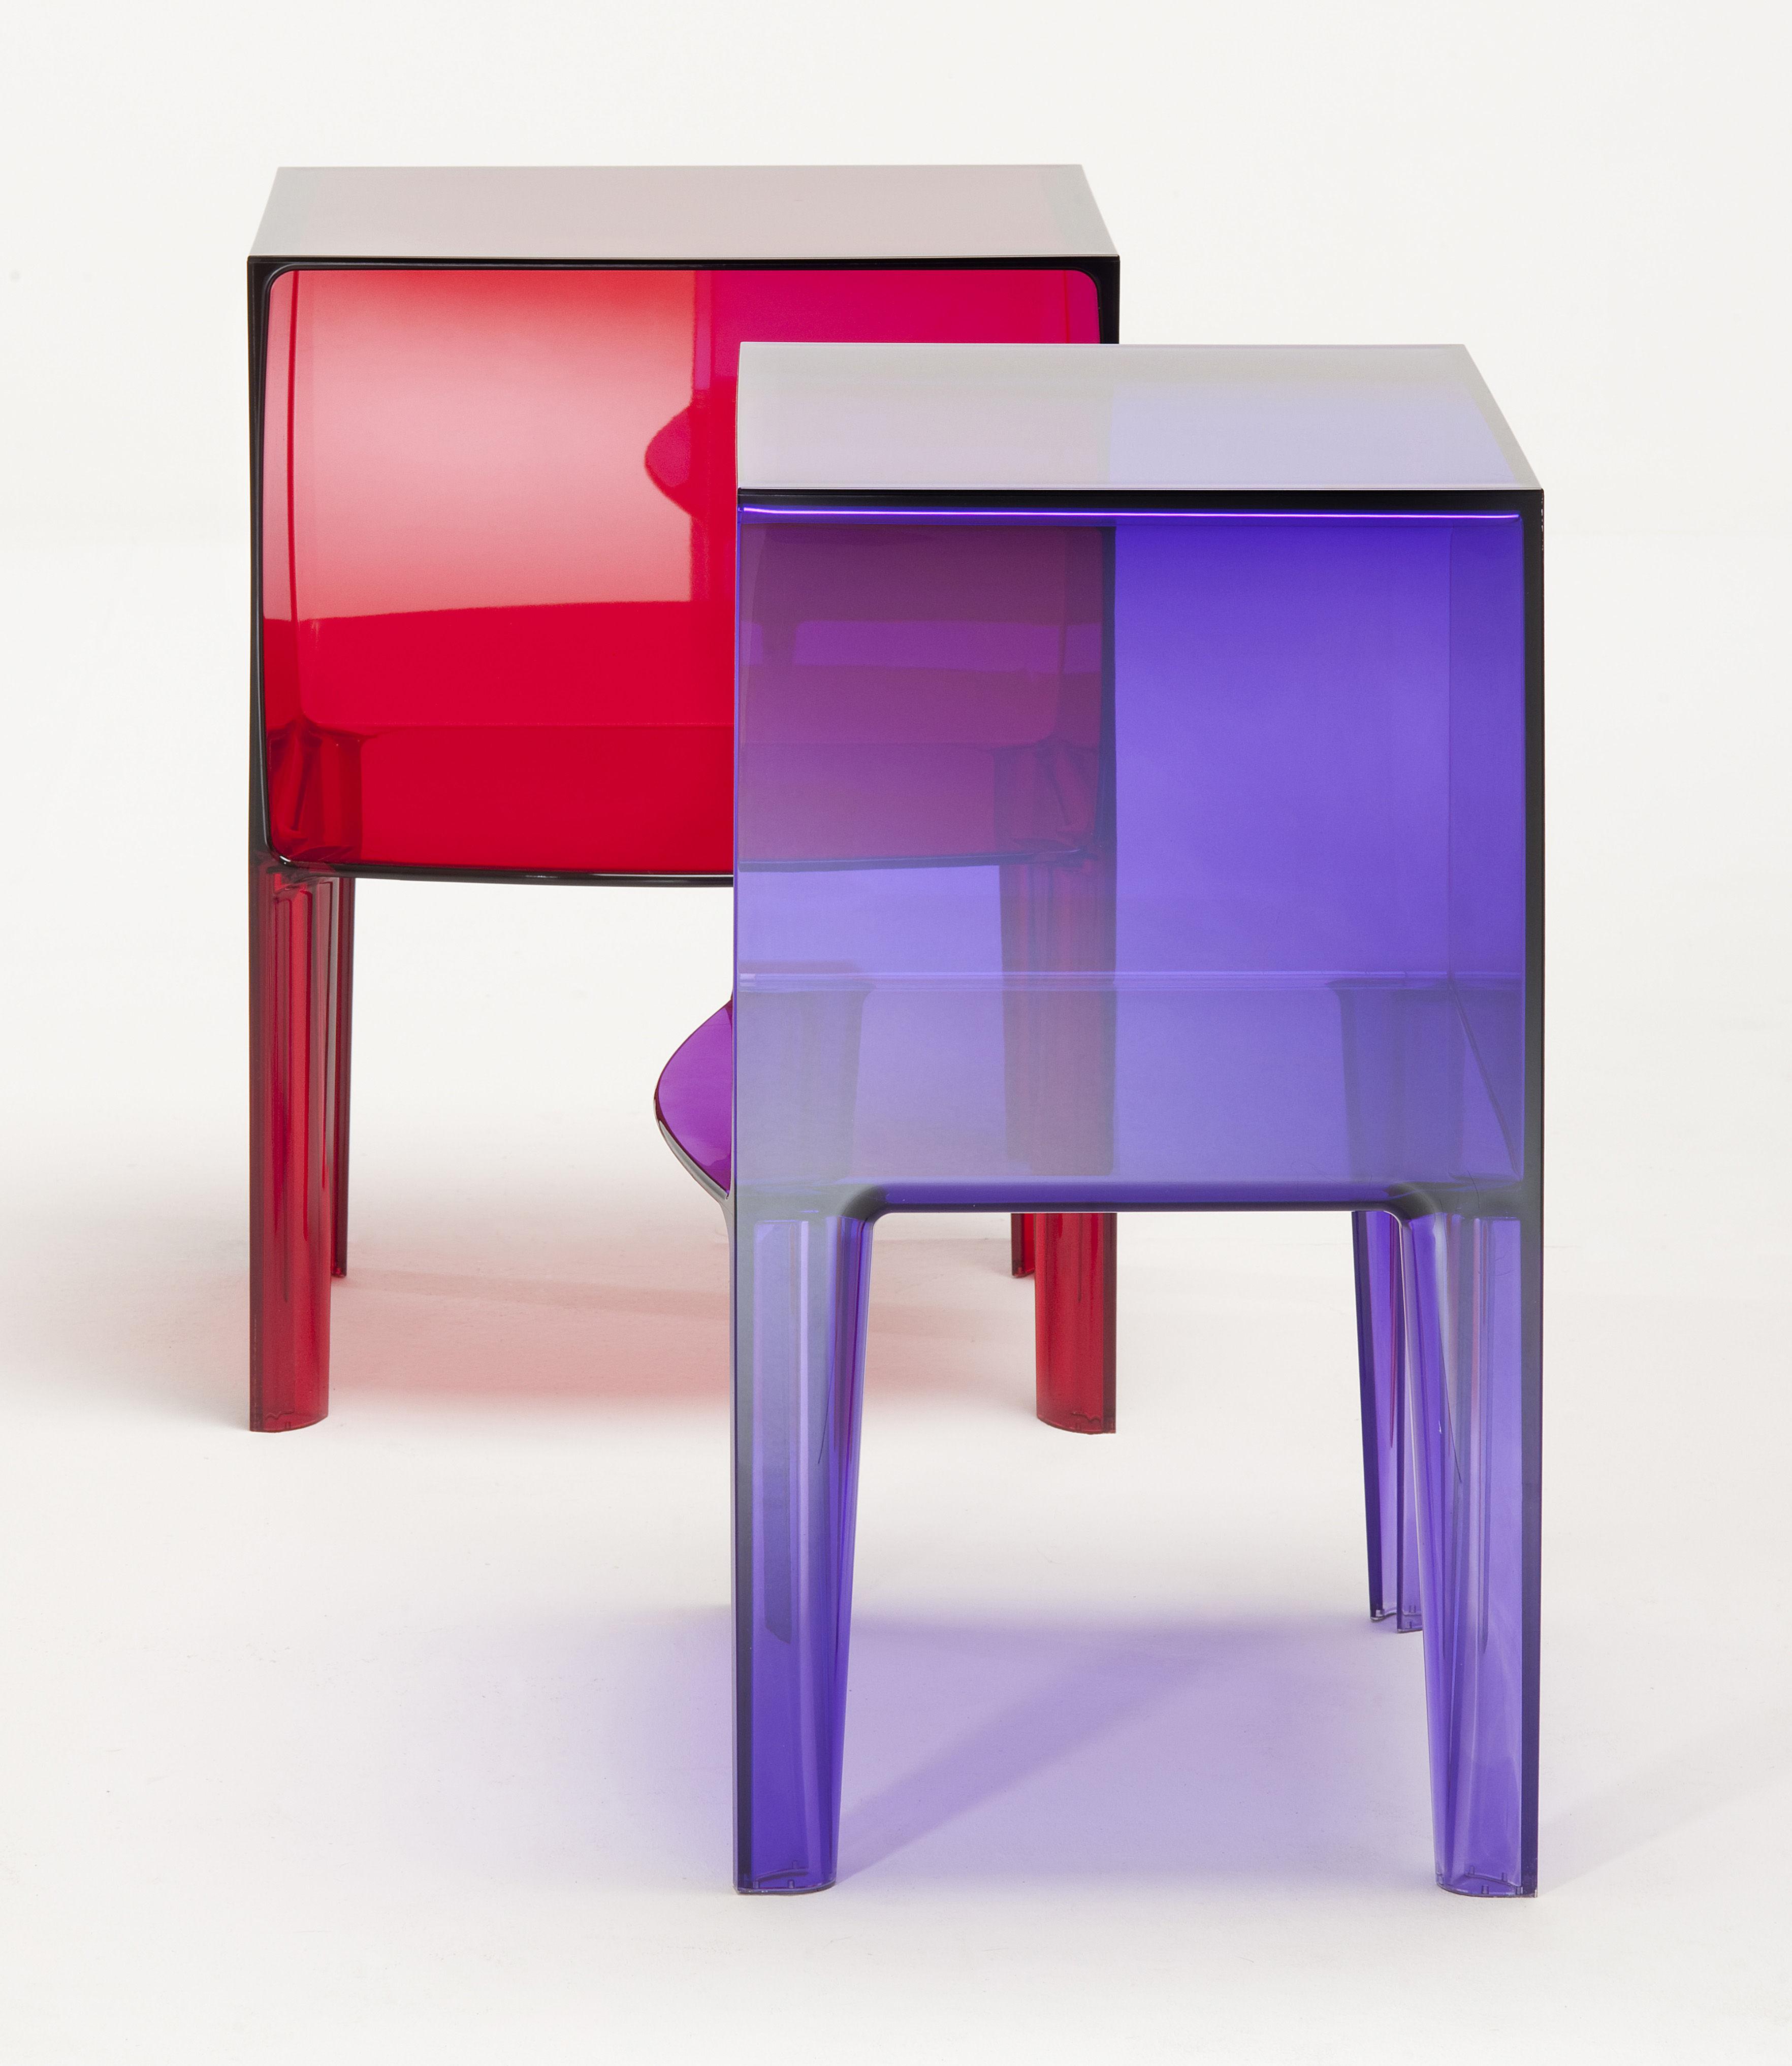 Table de chevet small ghost buster cristal kartell for Mini table de chevet